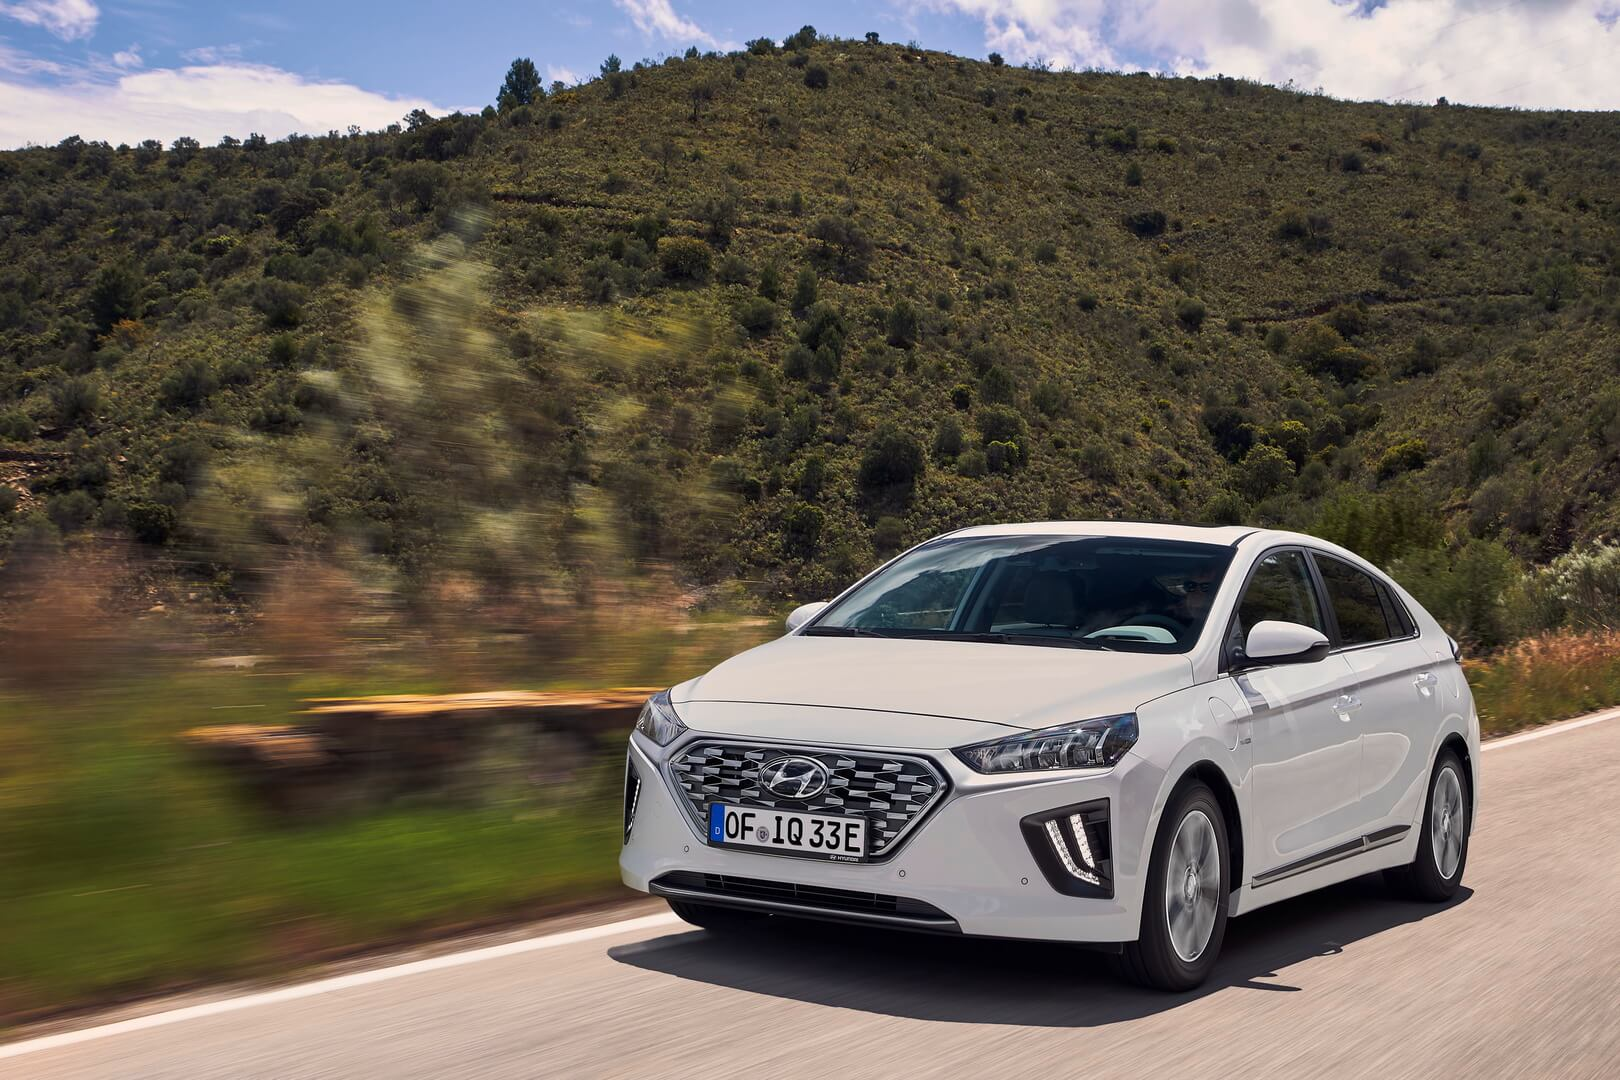 Фотография экоавто Hyundai IONIQ Plug-in Hybrid 2019 - фото 10